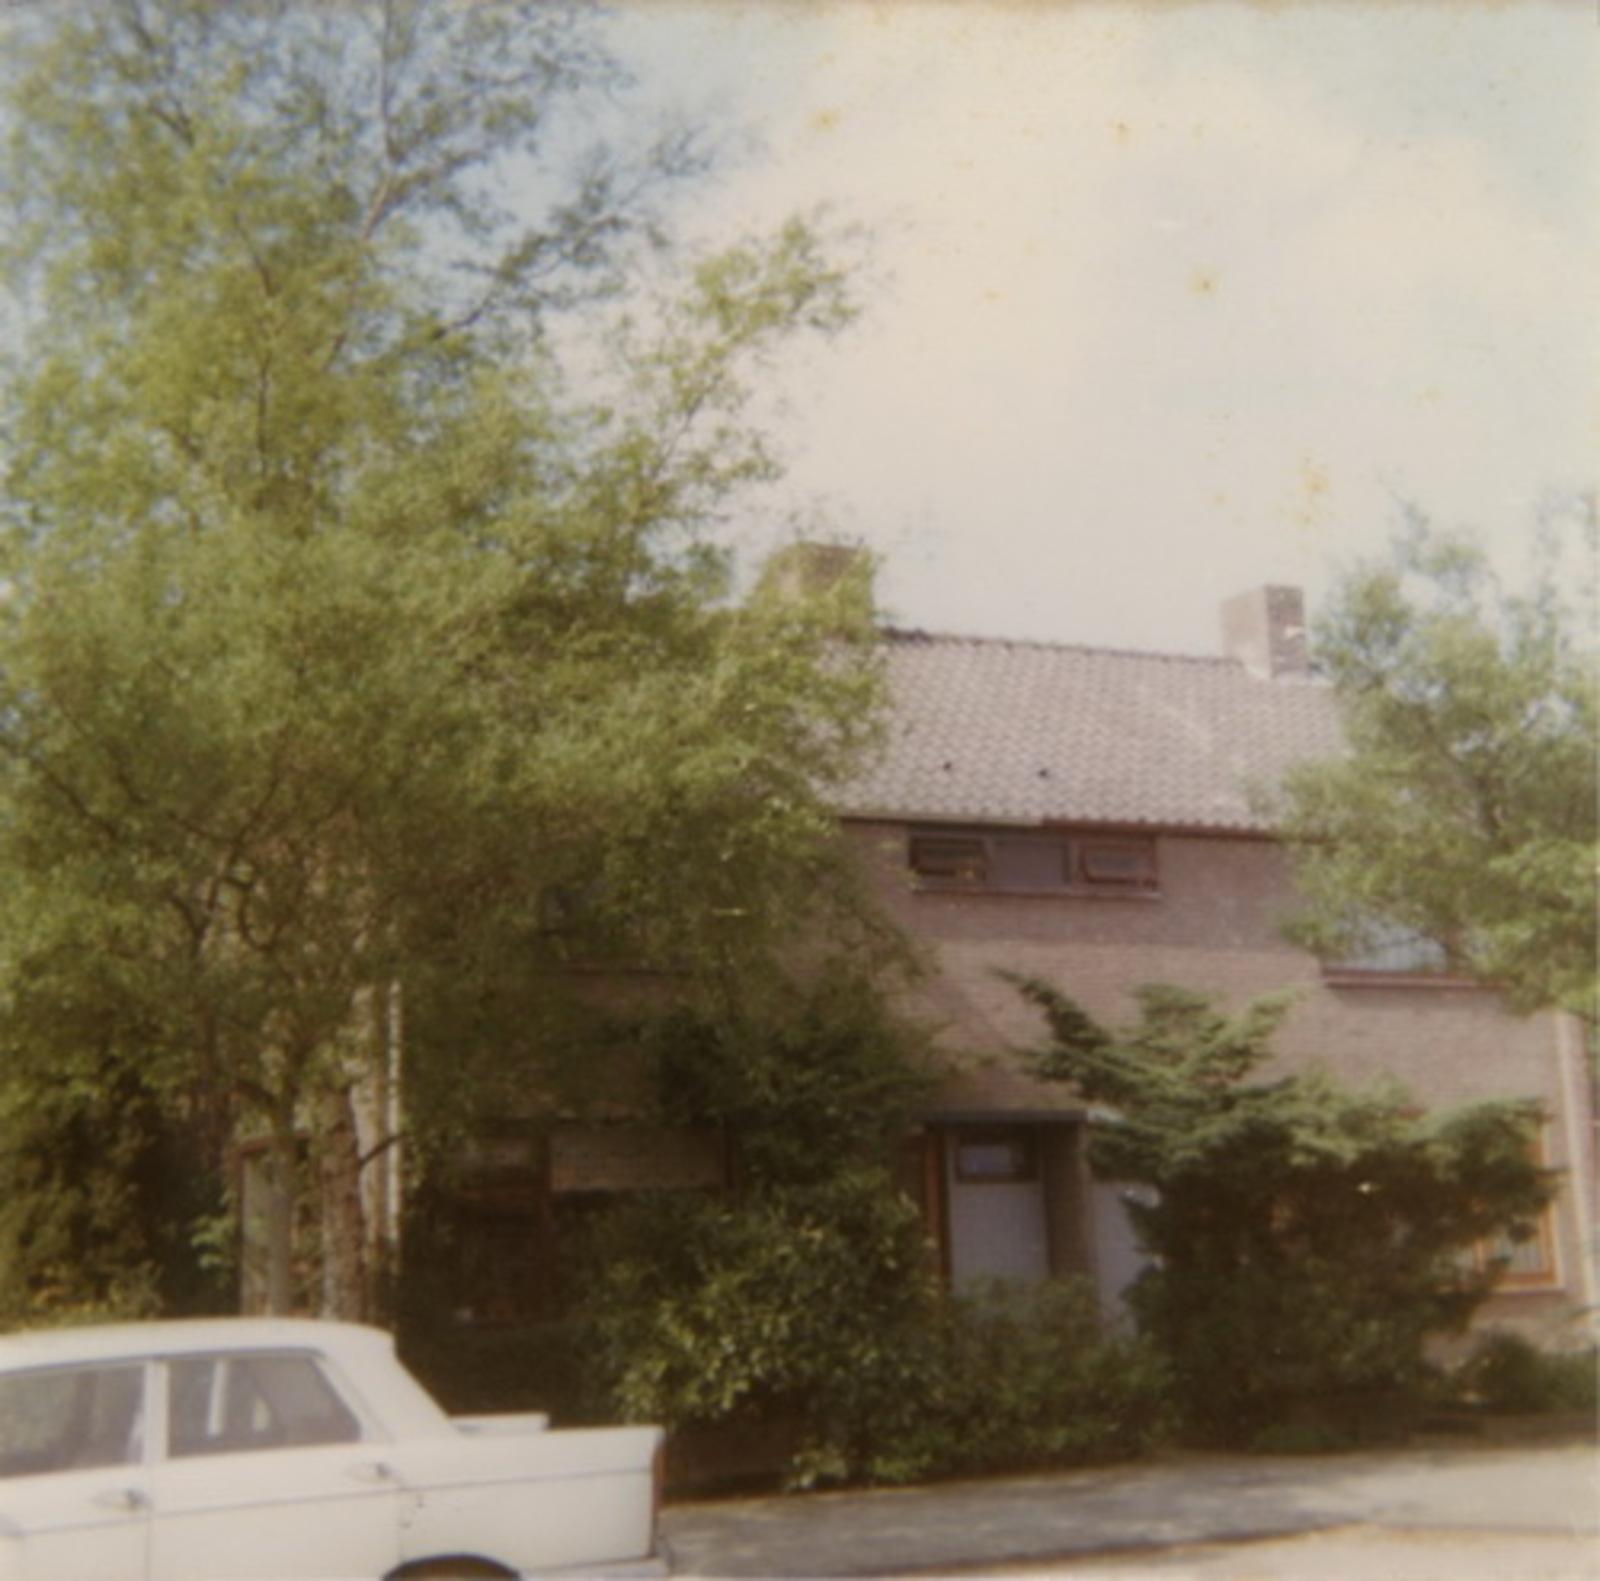 Beetslaan Z 0098-100 1983 Huizen Keuzekamp en Leyo